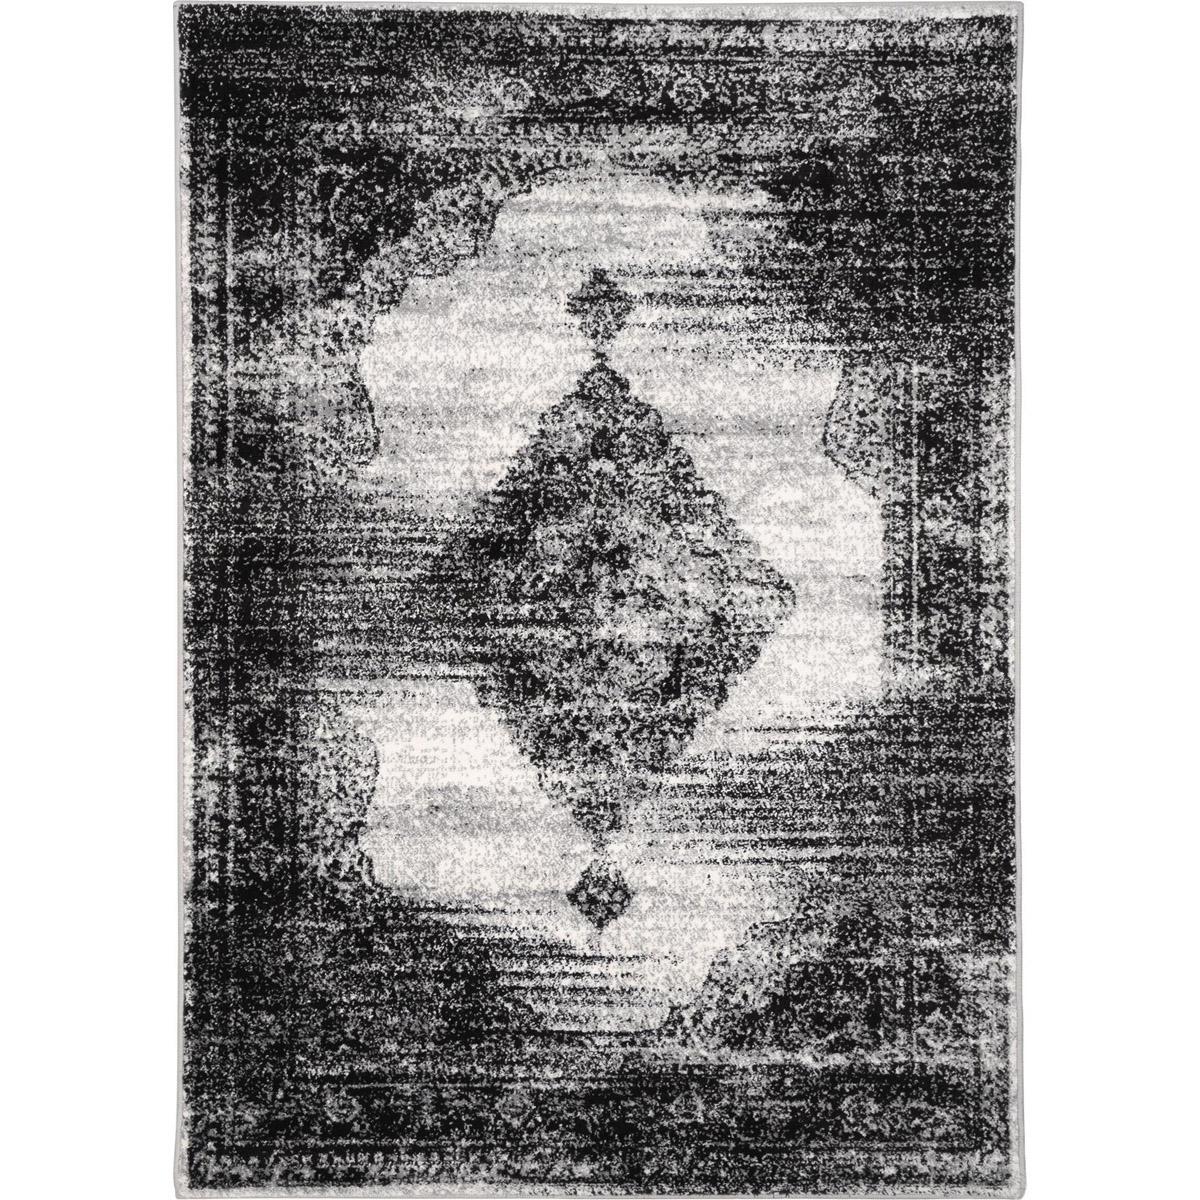 Palma matta mönstrad grå svart 160x230 200x290 133x190